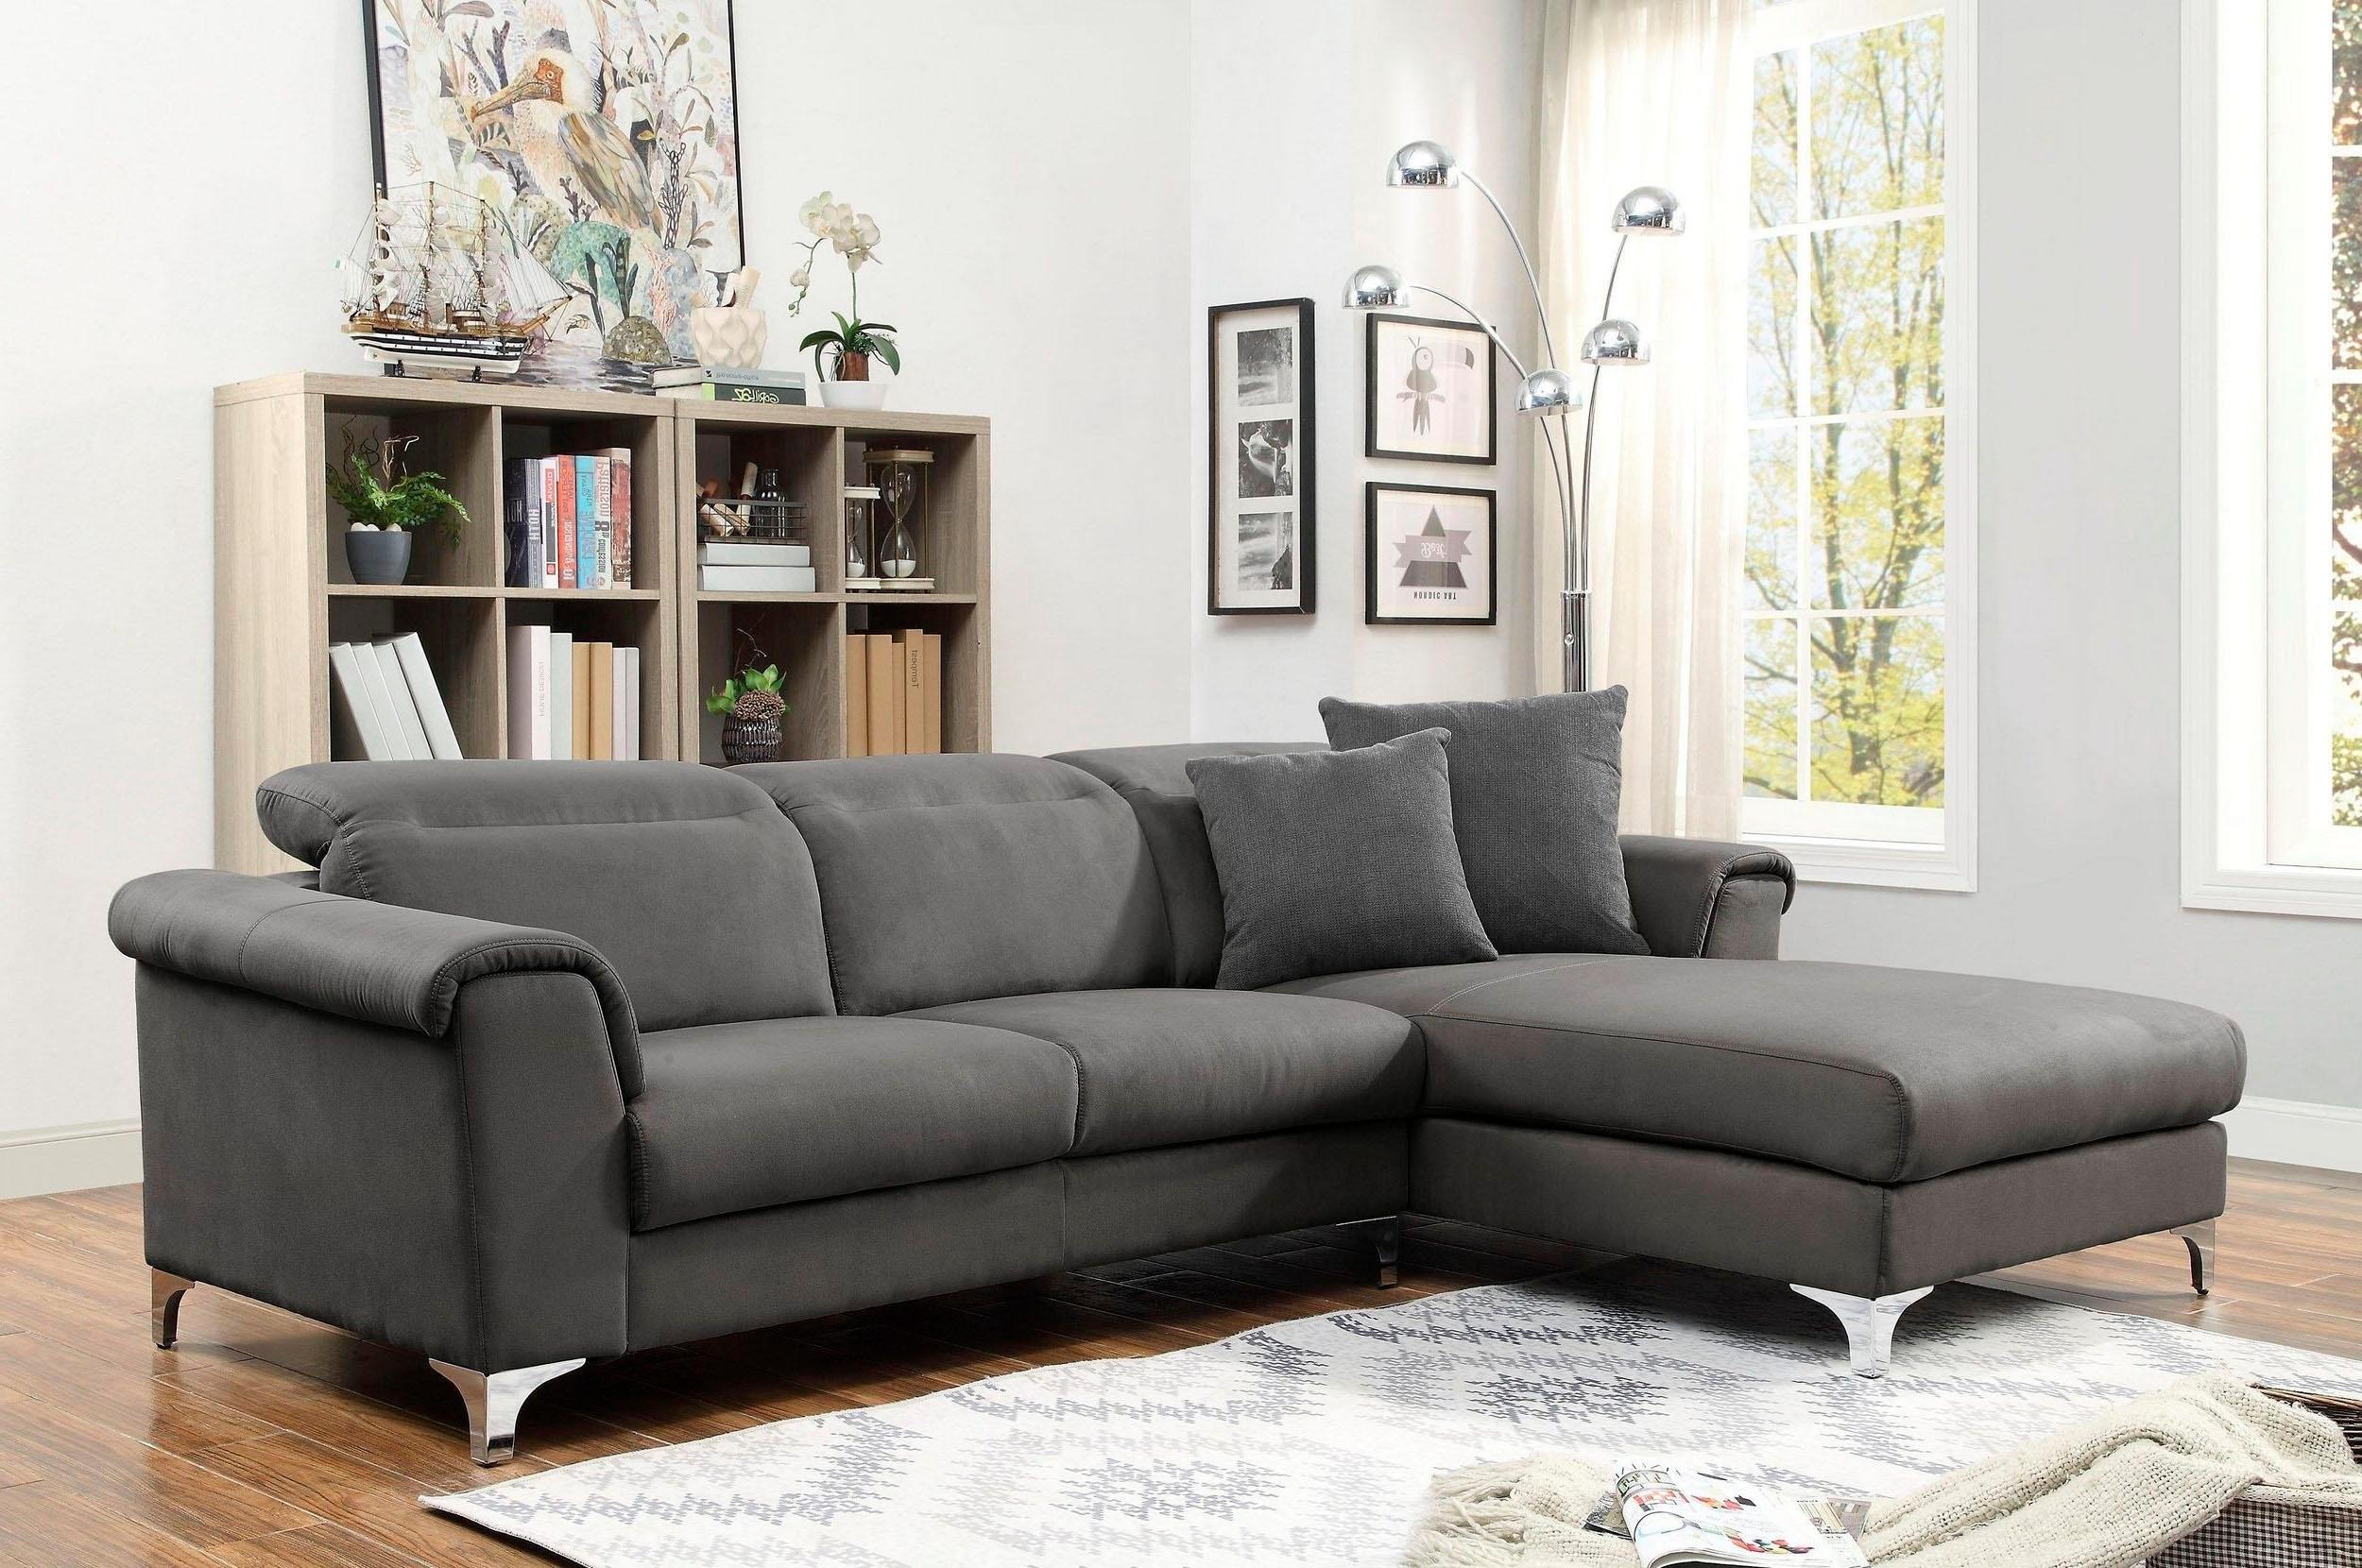 ATLANTIC home collection hoekbank goedkoop op otto.nl kopen